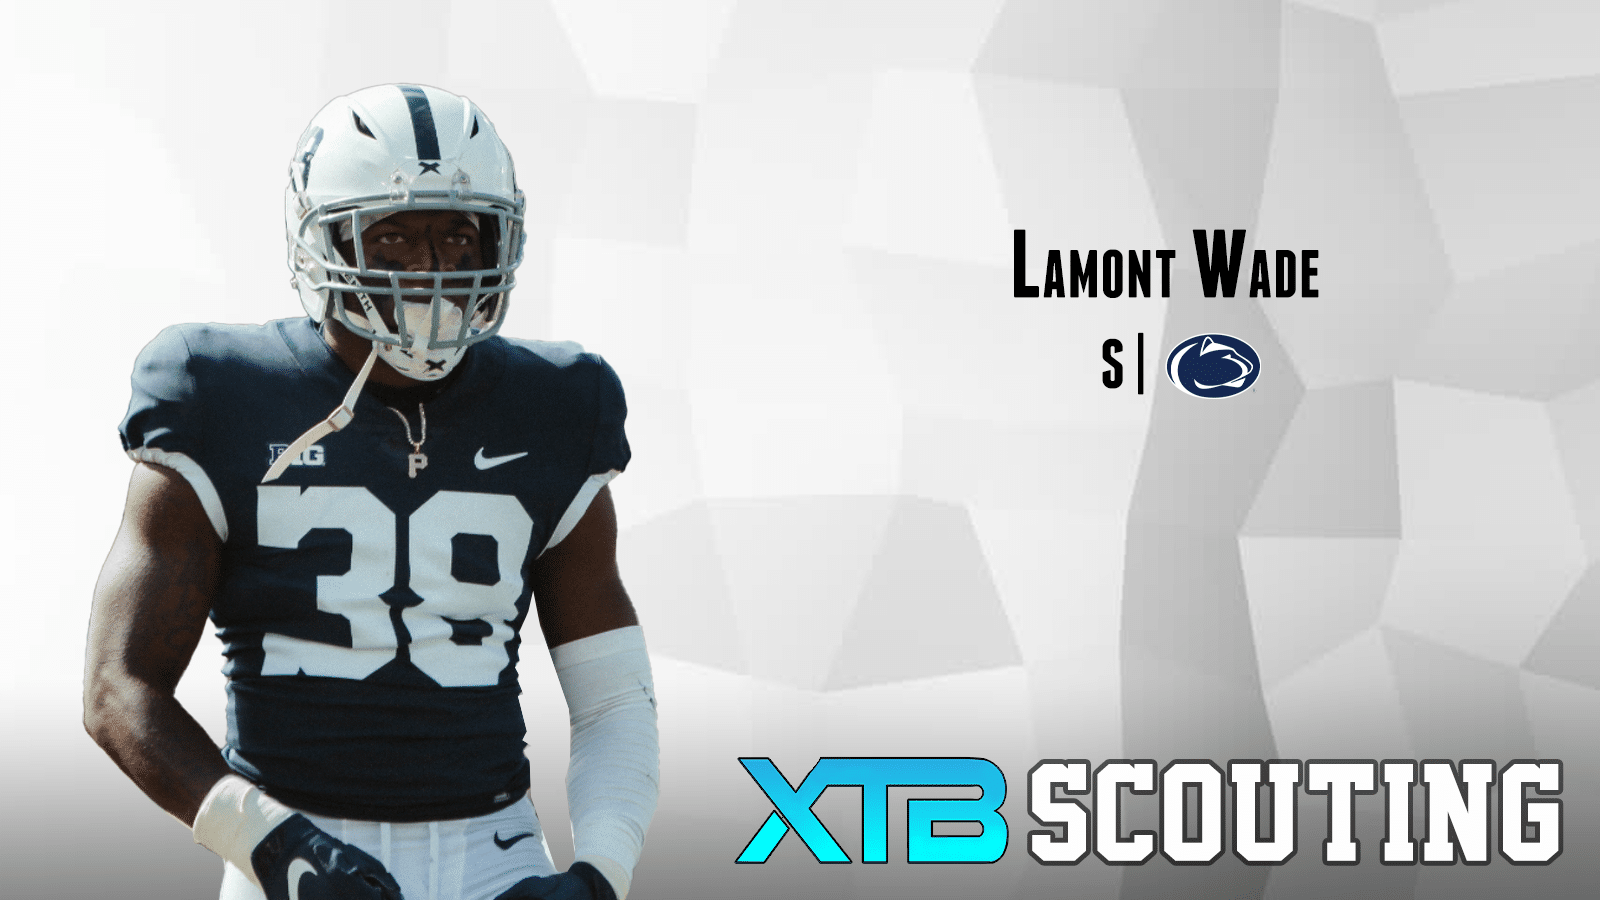 Lamont Wade